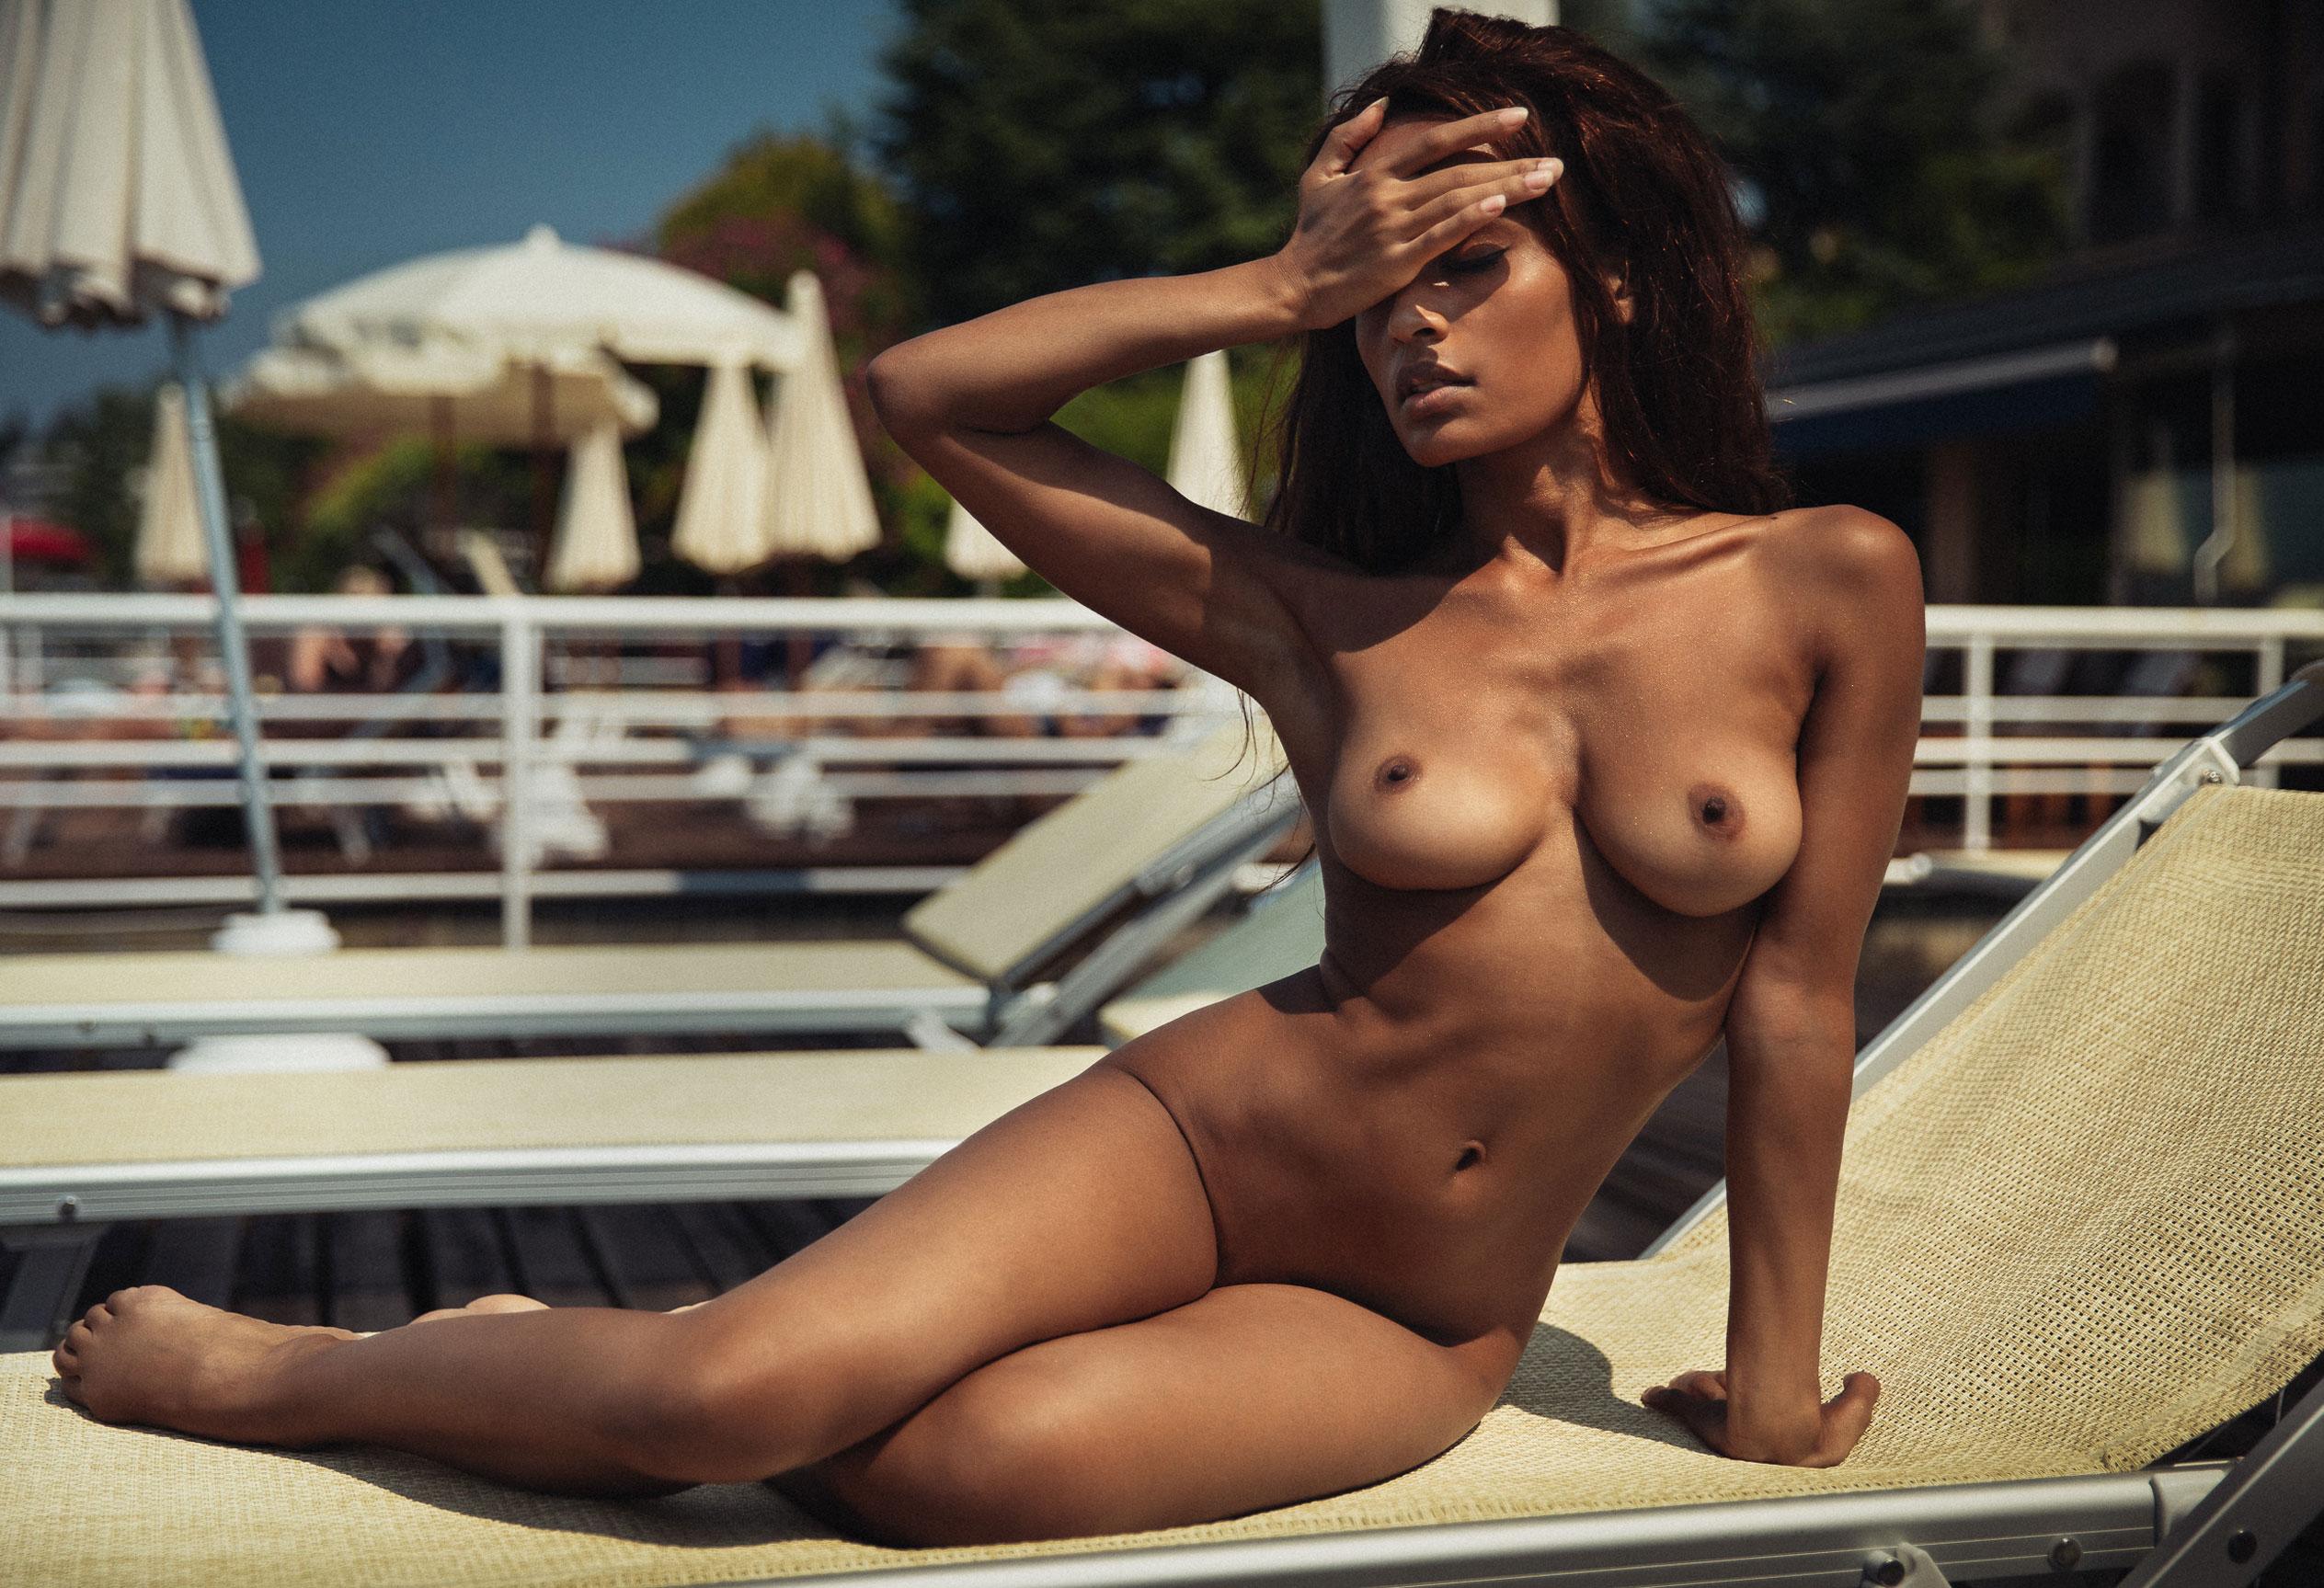 Сексуальная голая девушка загорает под итальянским солнцем / фото 03